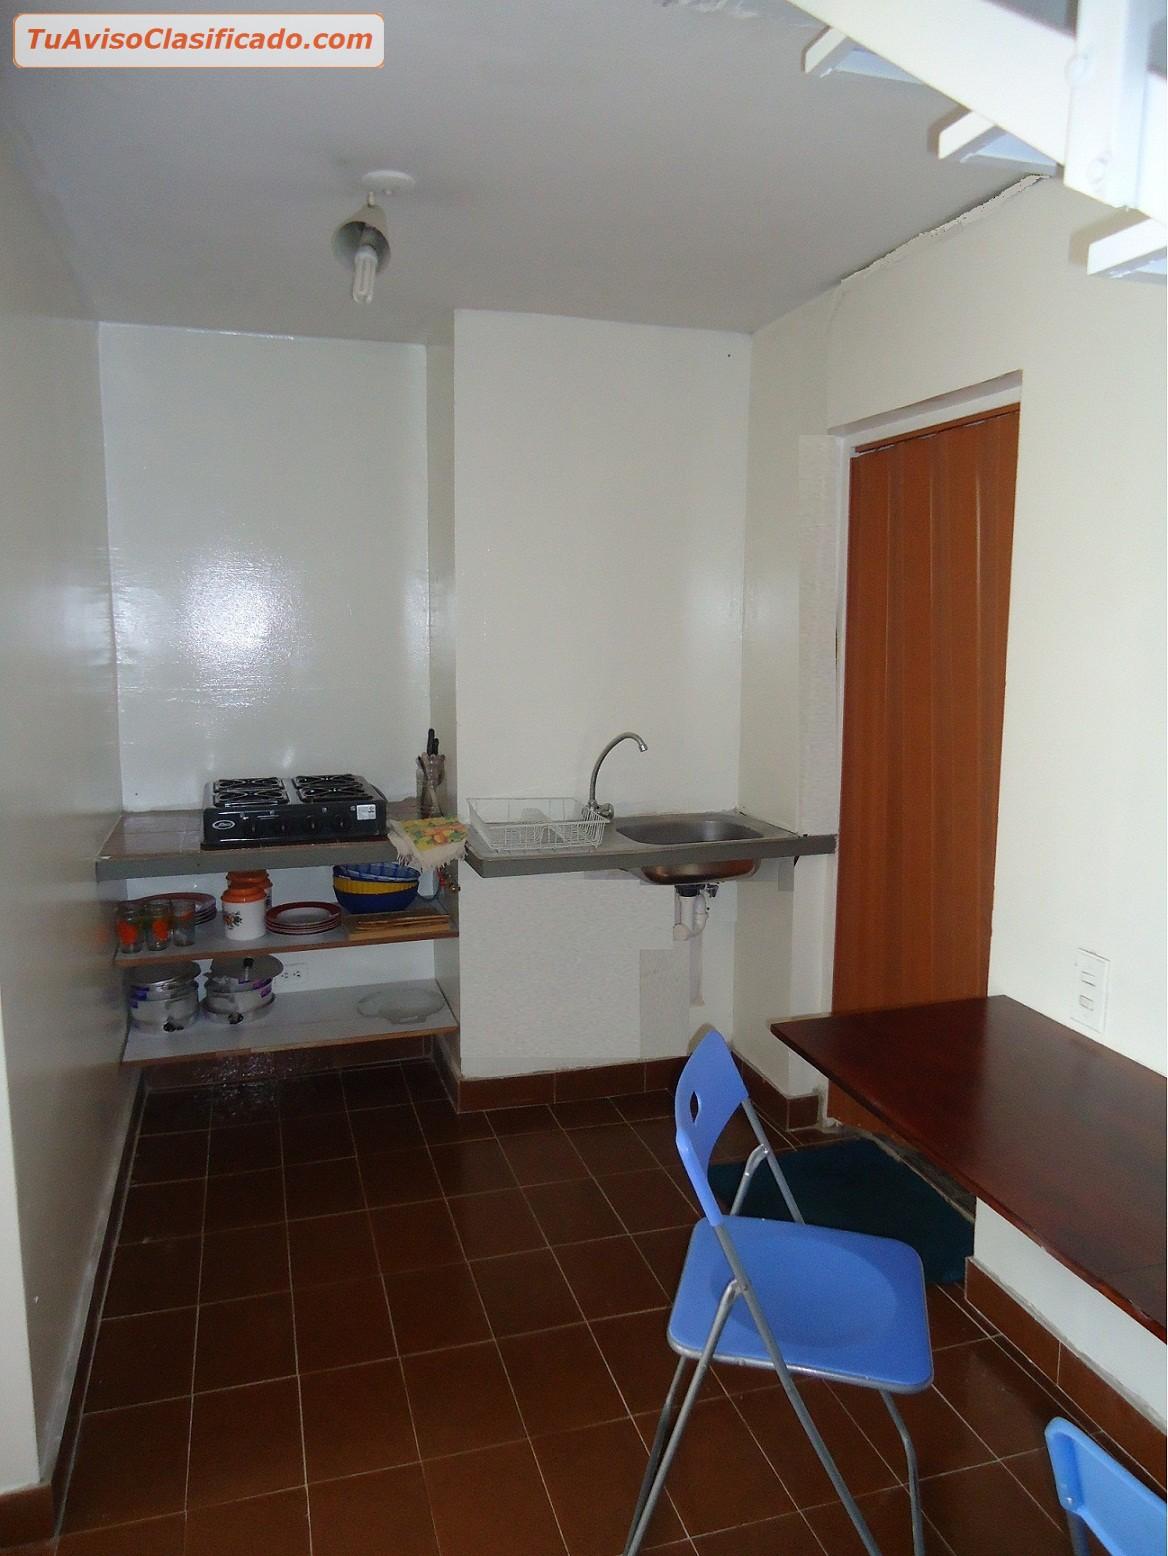 Apartamentos en alquiler caracas por d a temporada inmuebles y - Apartamentos en benasque alquiler ...